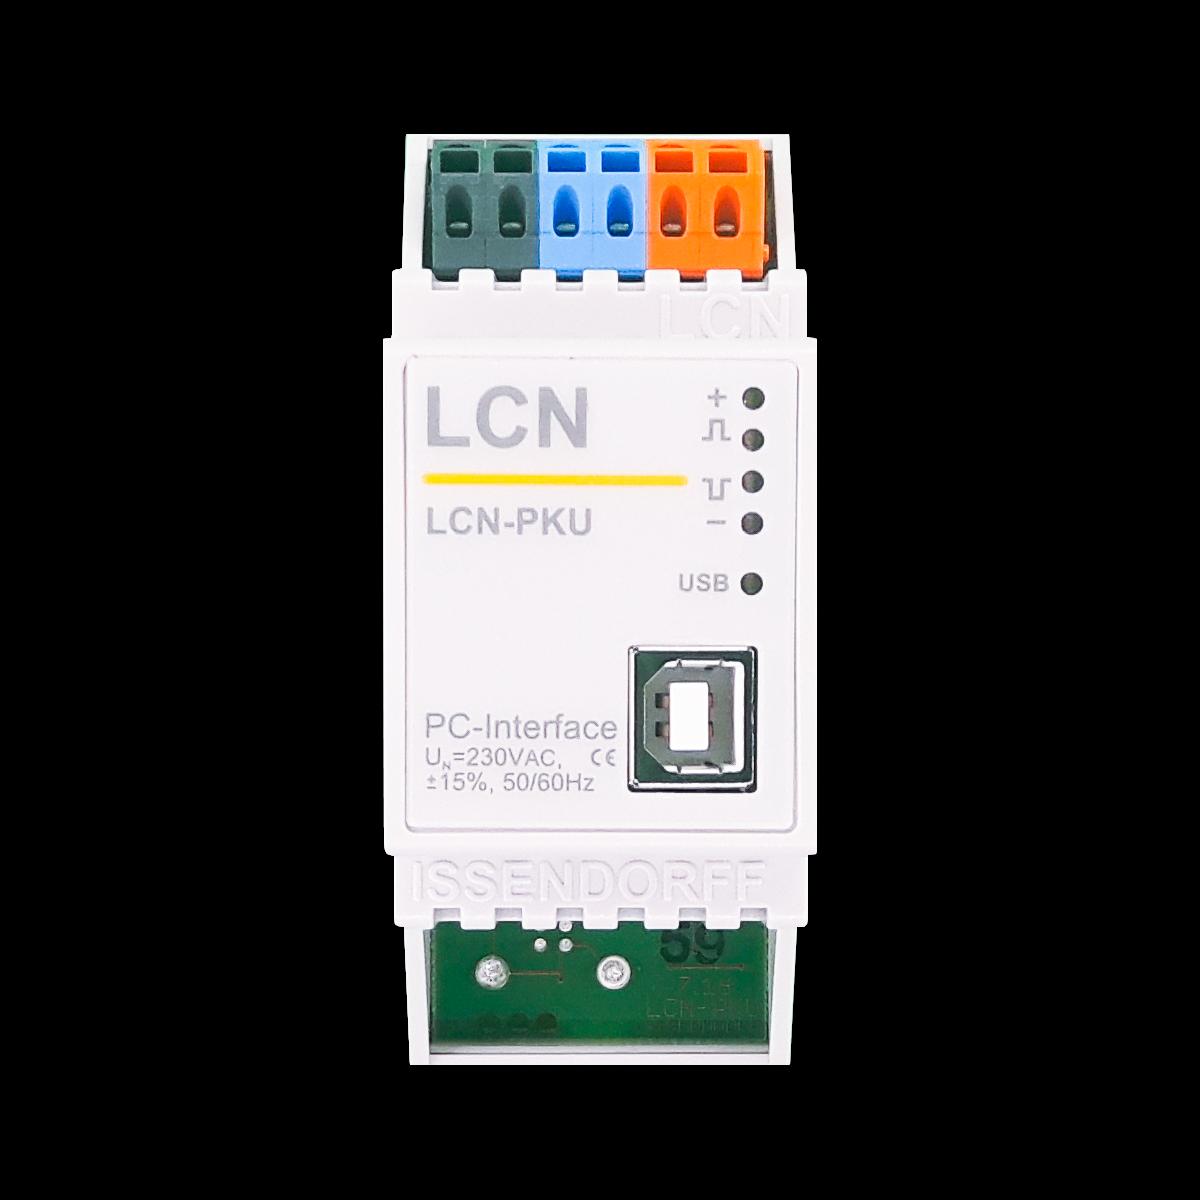 LCN-PKU